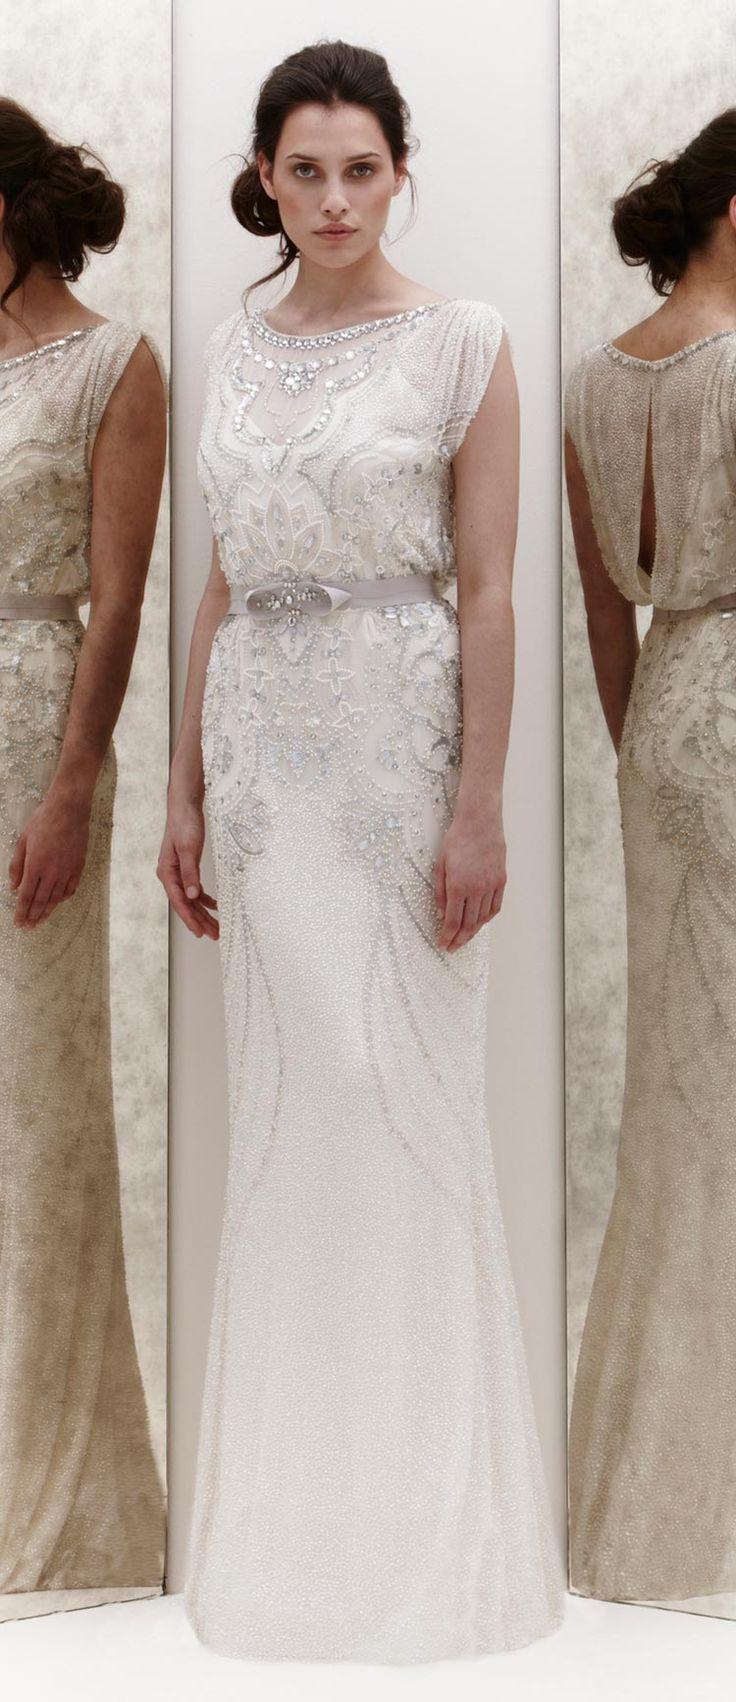 ジェニー・パッカム | JENNY PACKHAM | ウェディングドレス | THE TREAT DRESSING 【トリートドレッシング】